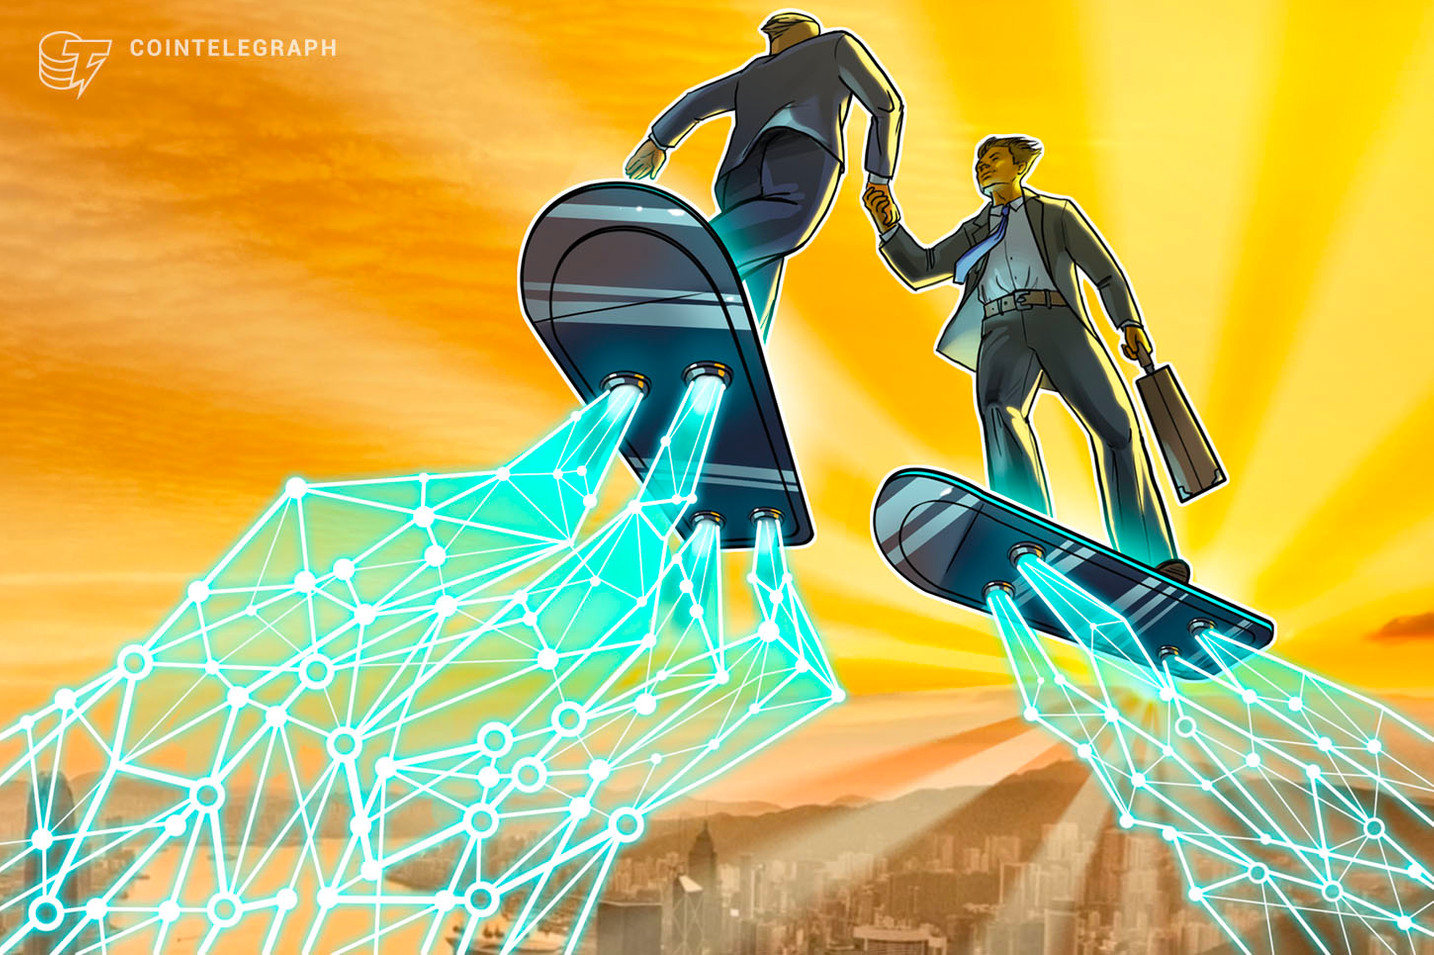 Orgão intergovernamental formado por 35 países, incluindo o Brasil, lança modelo de regulação para criptomoedas